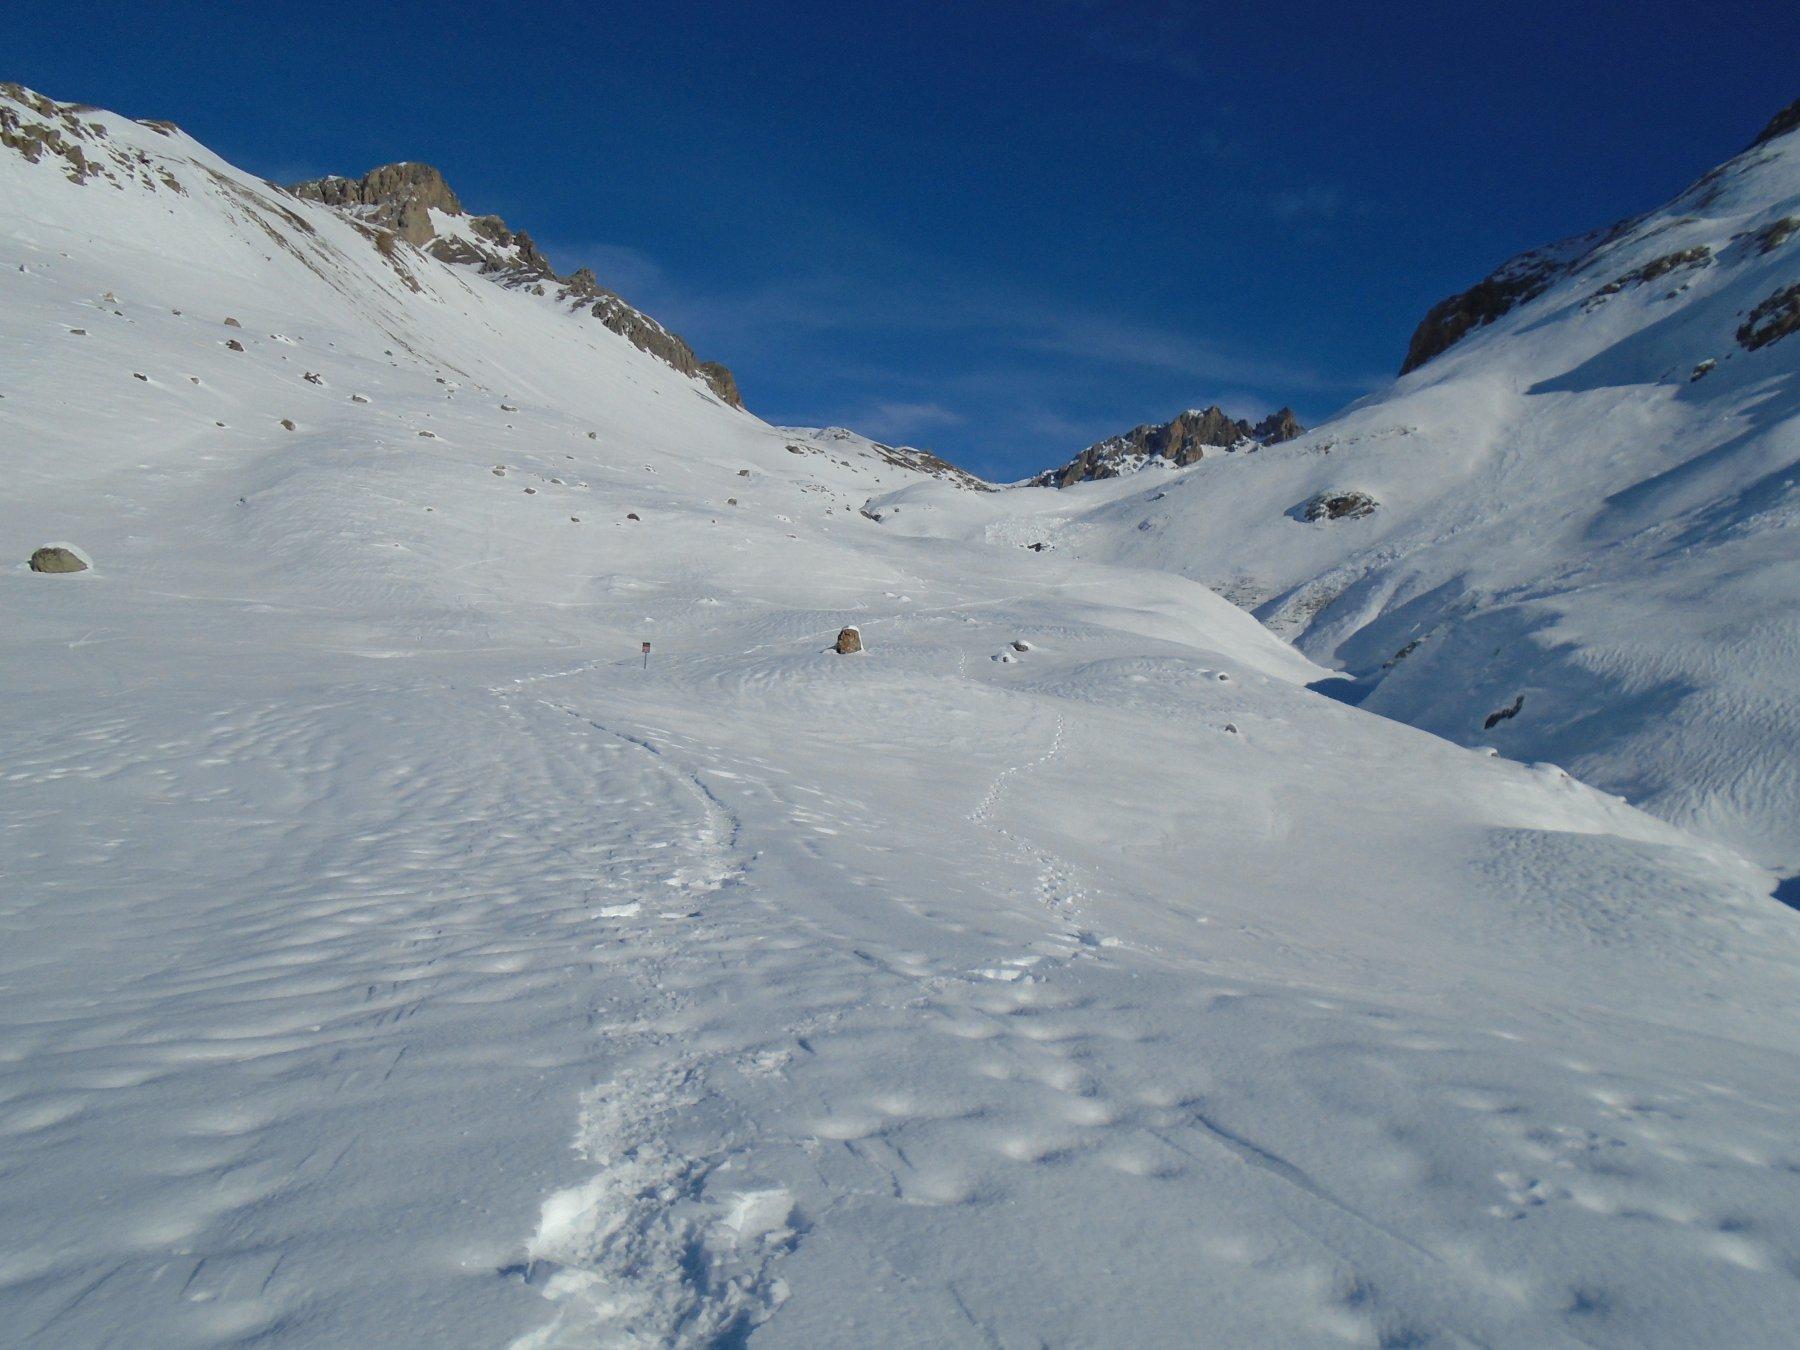 C'è più neve a inizio gita che sui pendii alti